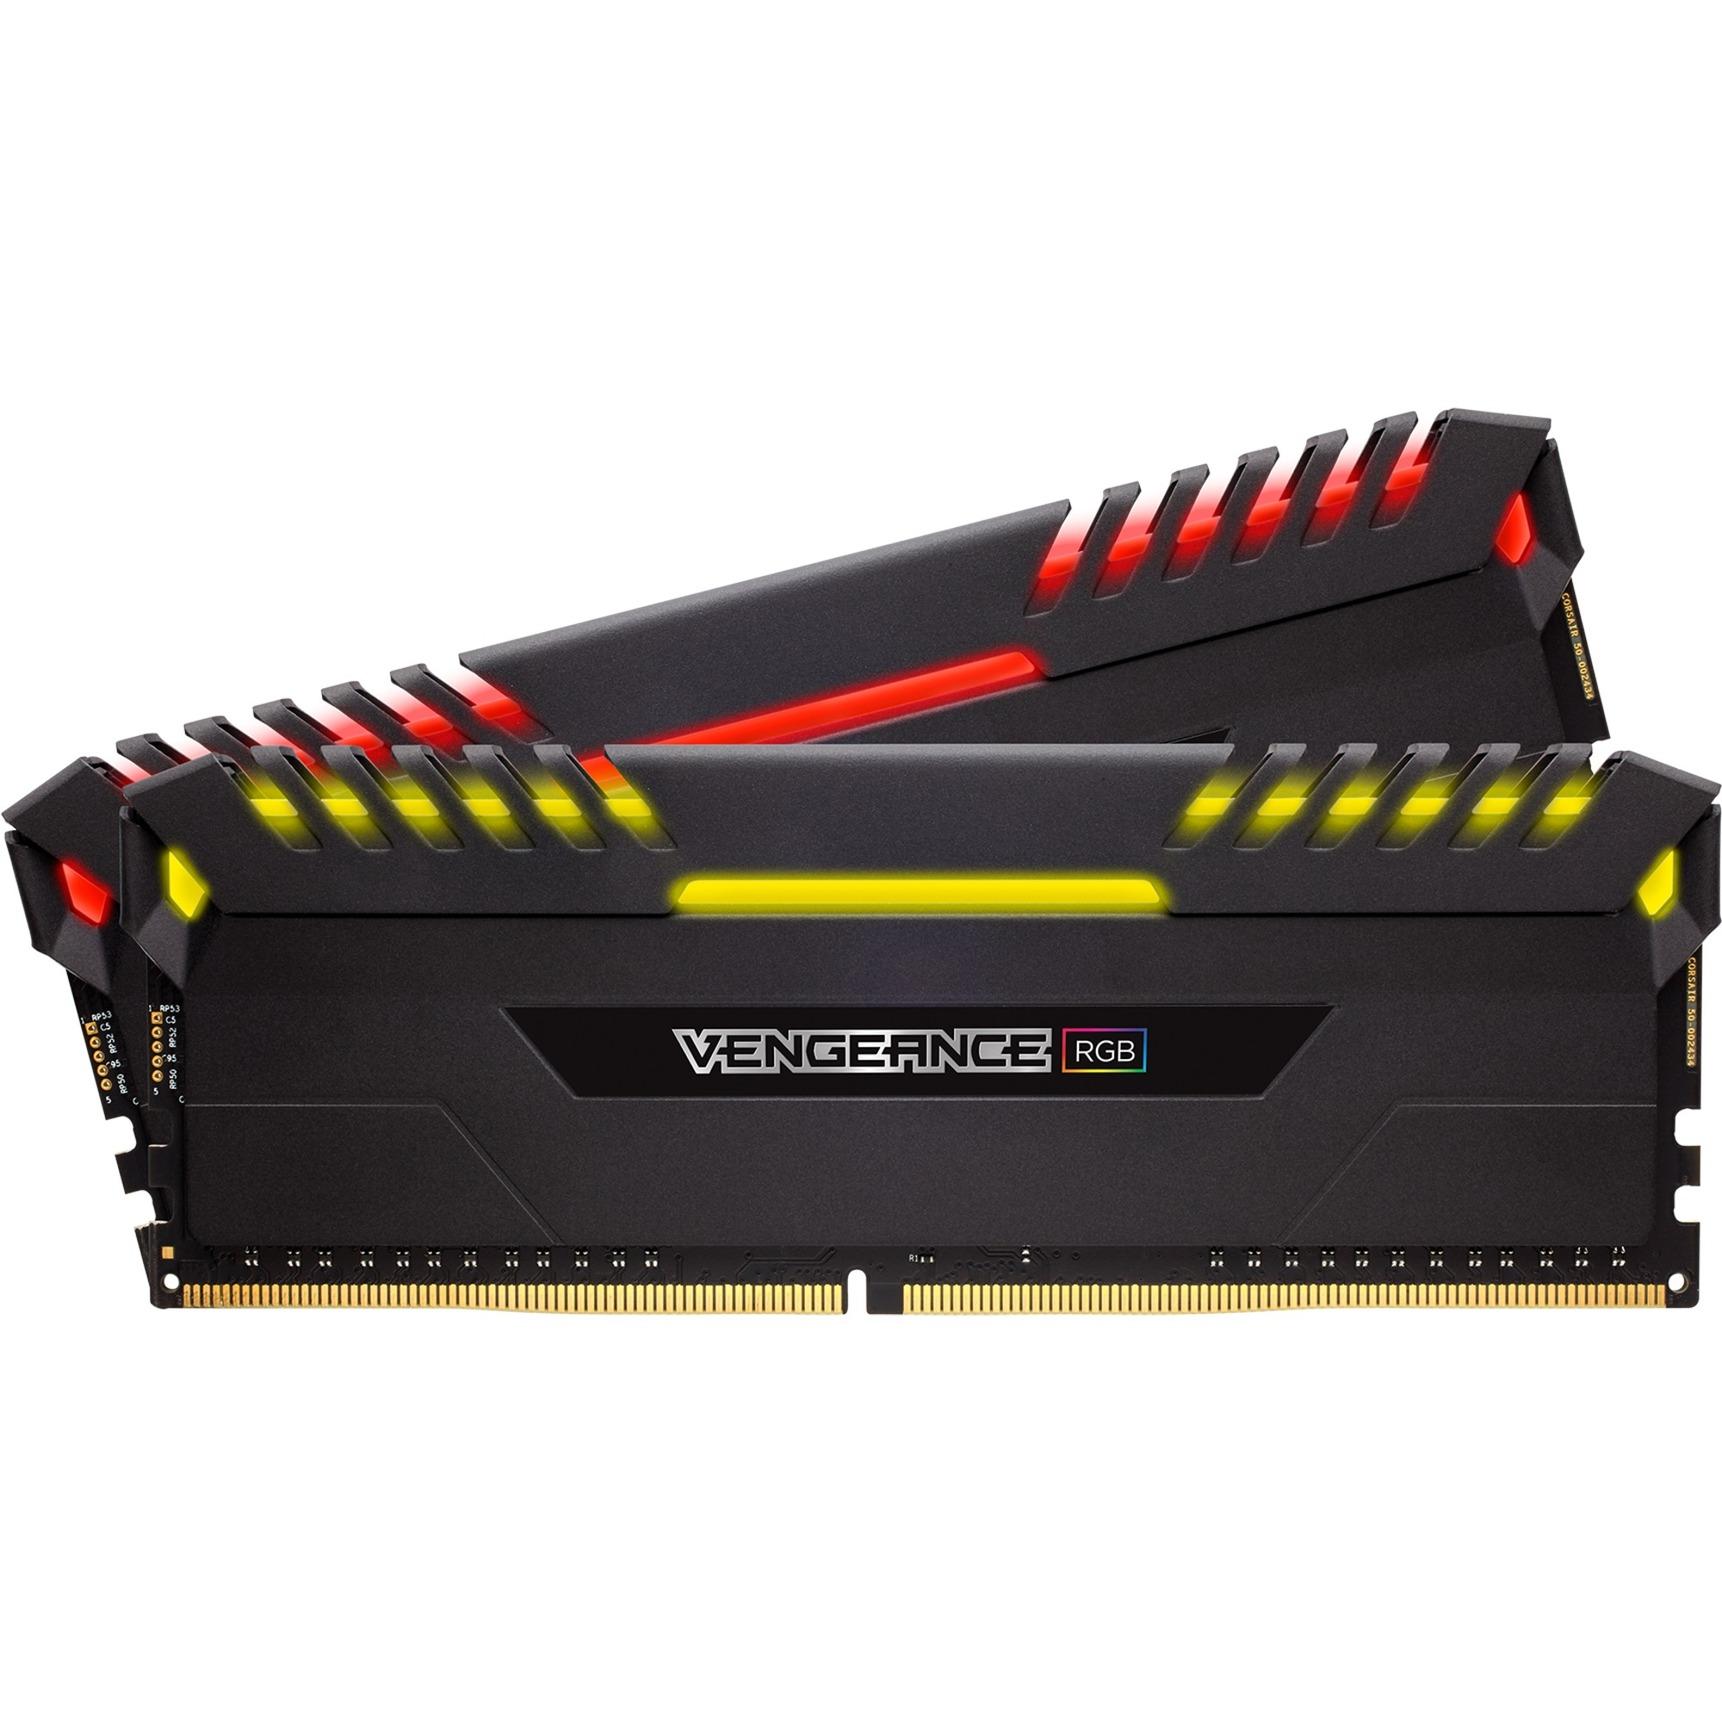 Vengeance 16GB, DDR4, 3000MHz 16Go DDR4 3000MHz module de mémoire